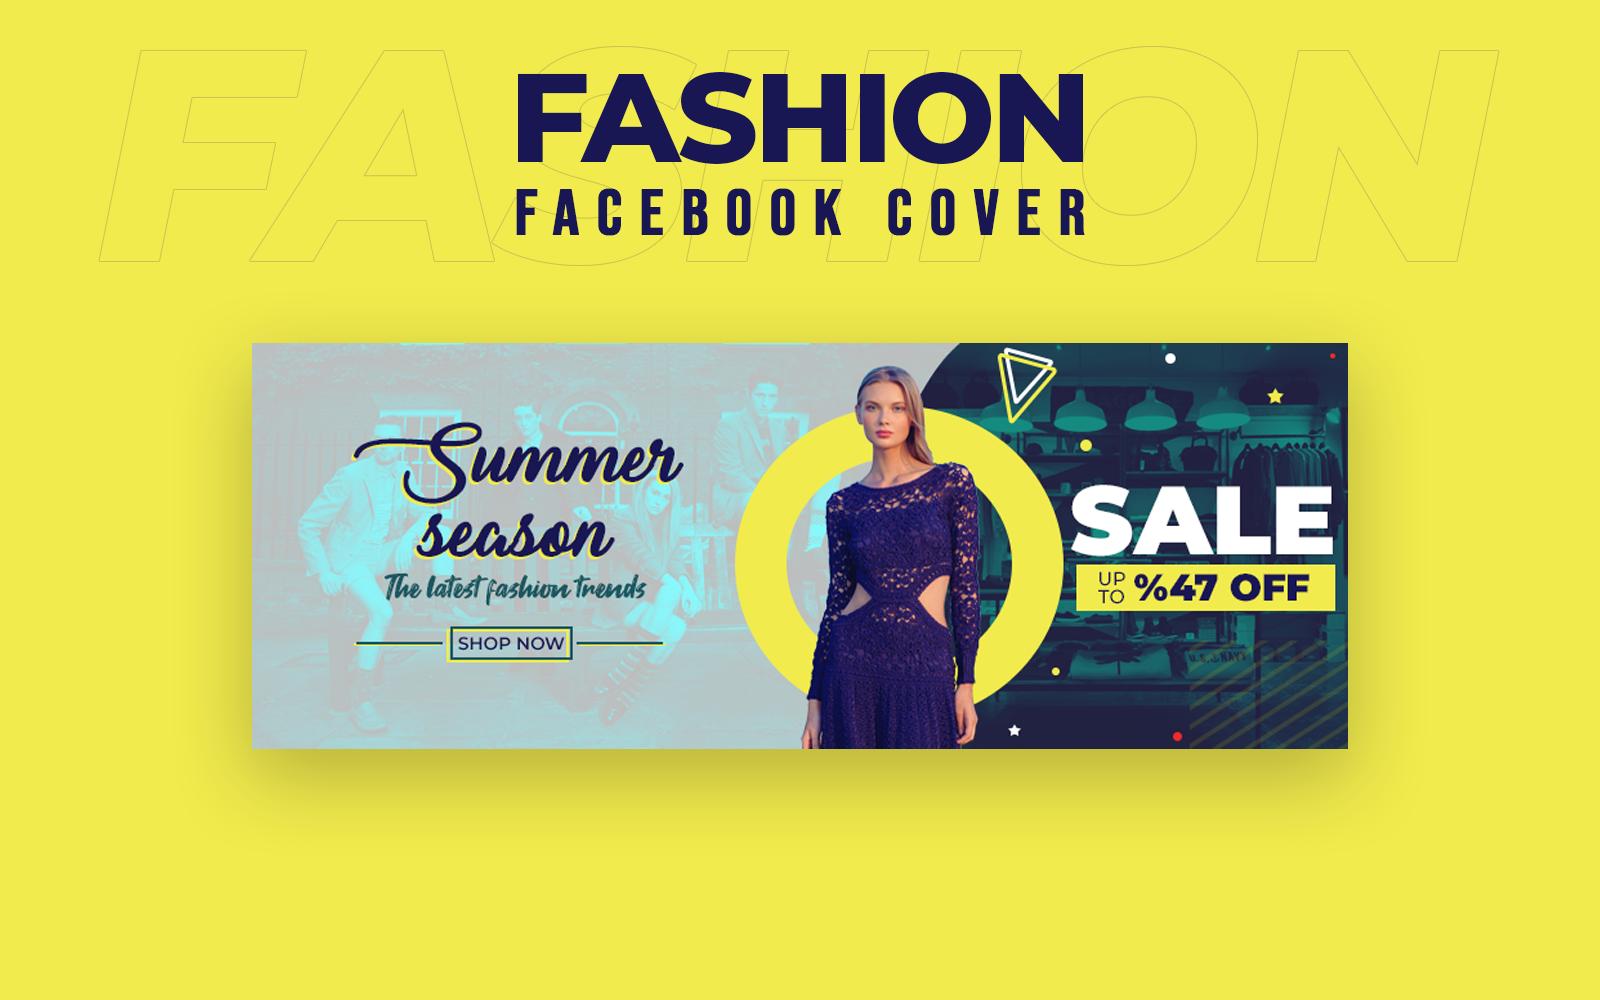 Fashion Facebook Cover Social Media